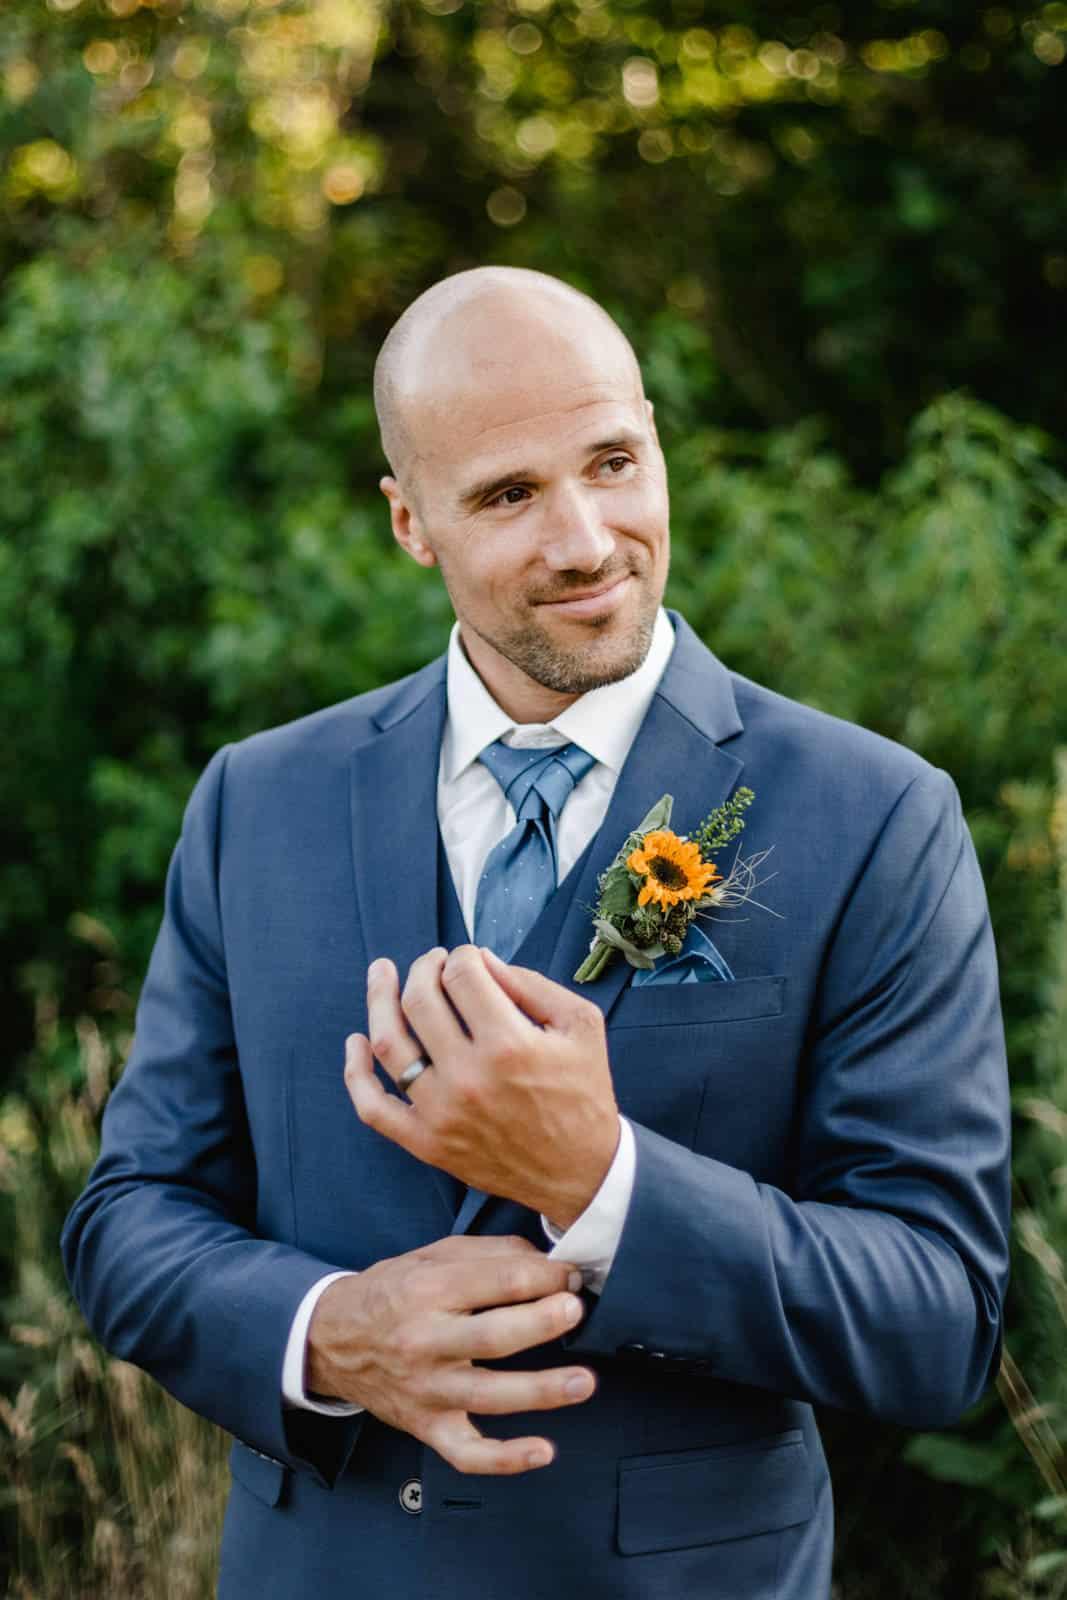 Bräutigam hält seinen Hemdsärmel und lacht verliebt